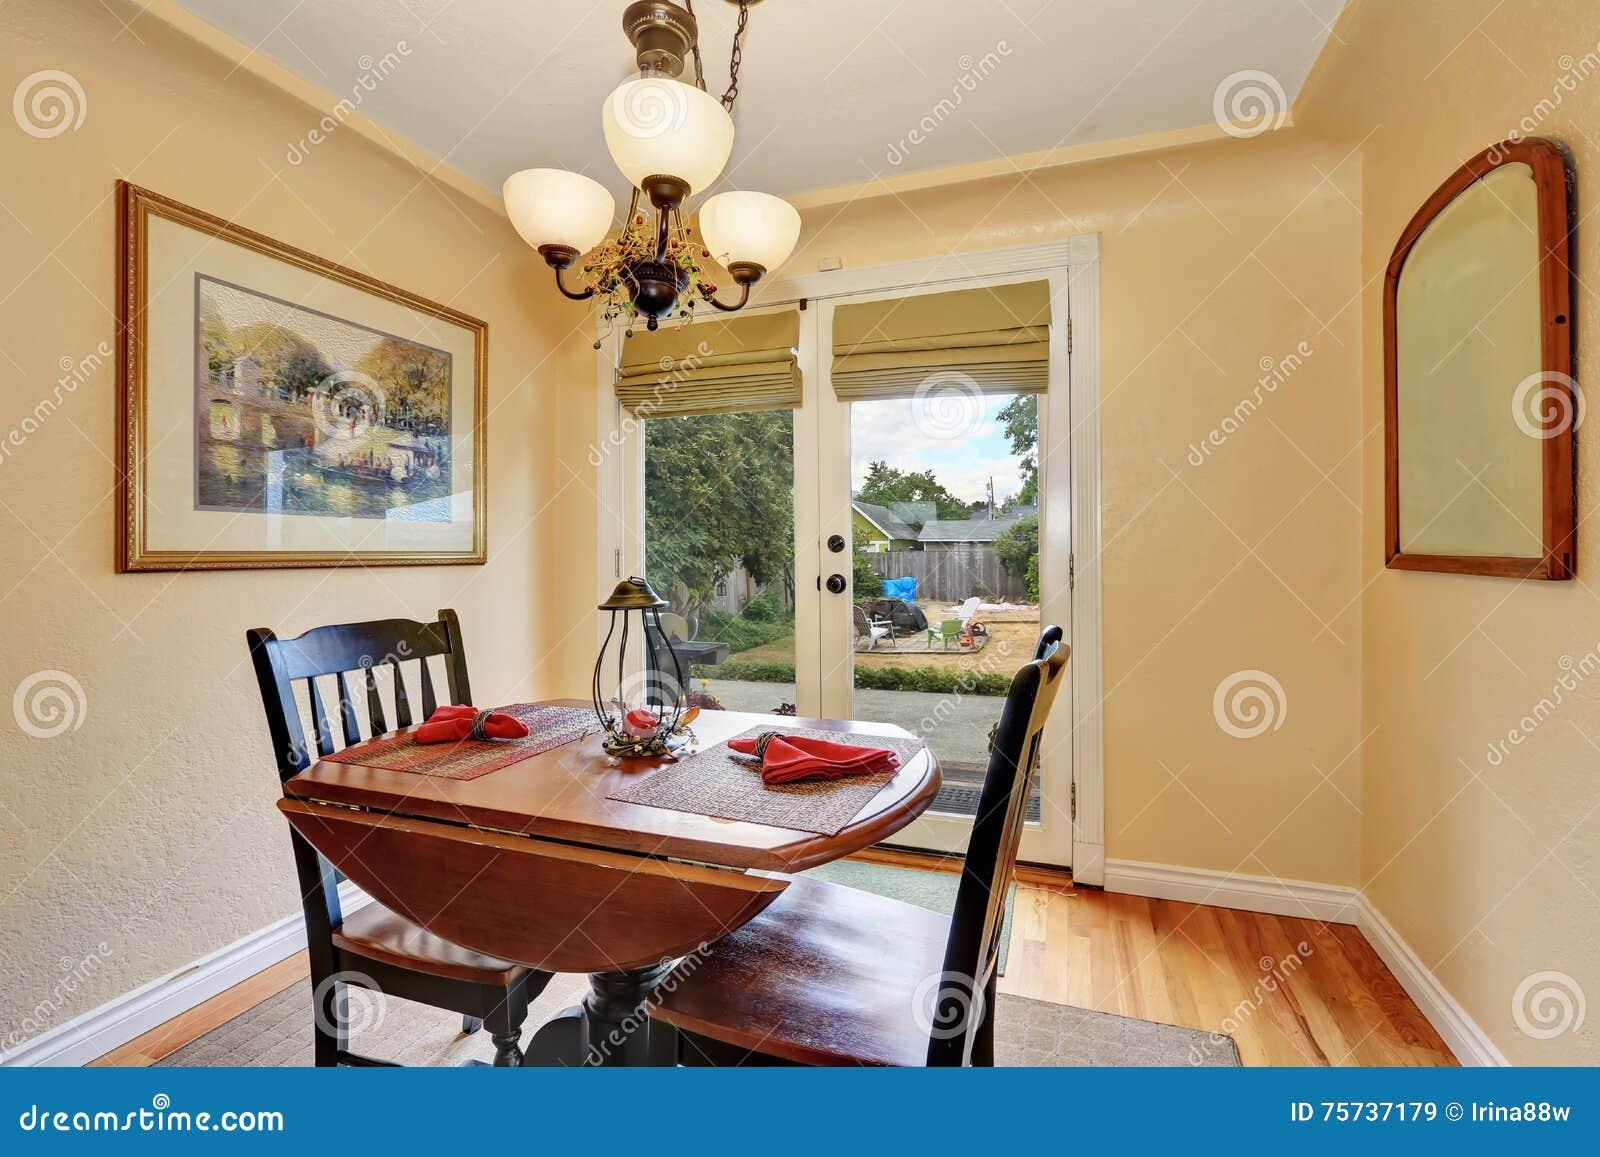 kleines esszimmer im alten amerikanischen haus stockbild bild von amerikanisch haupt 75737179. Black Bedroom Furniture Sets. Home Design Ideas